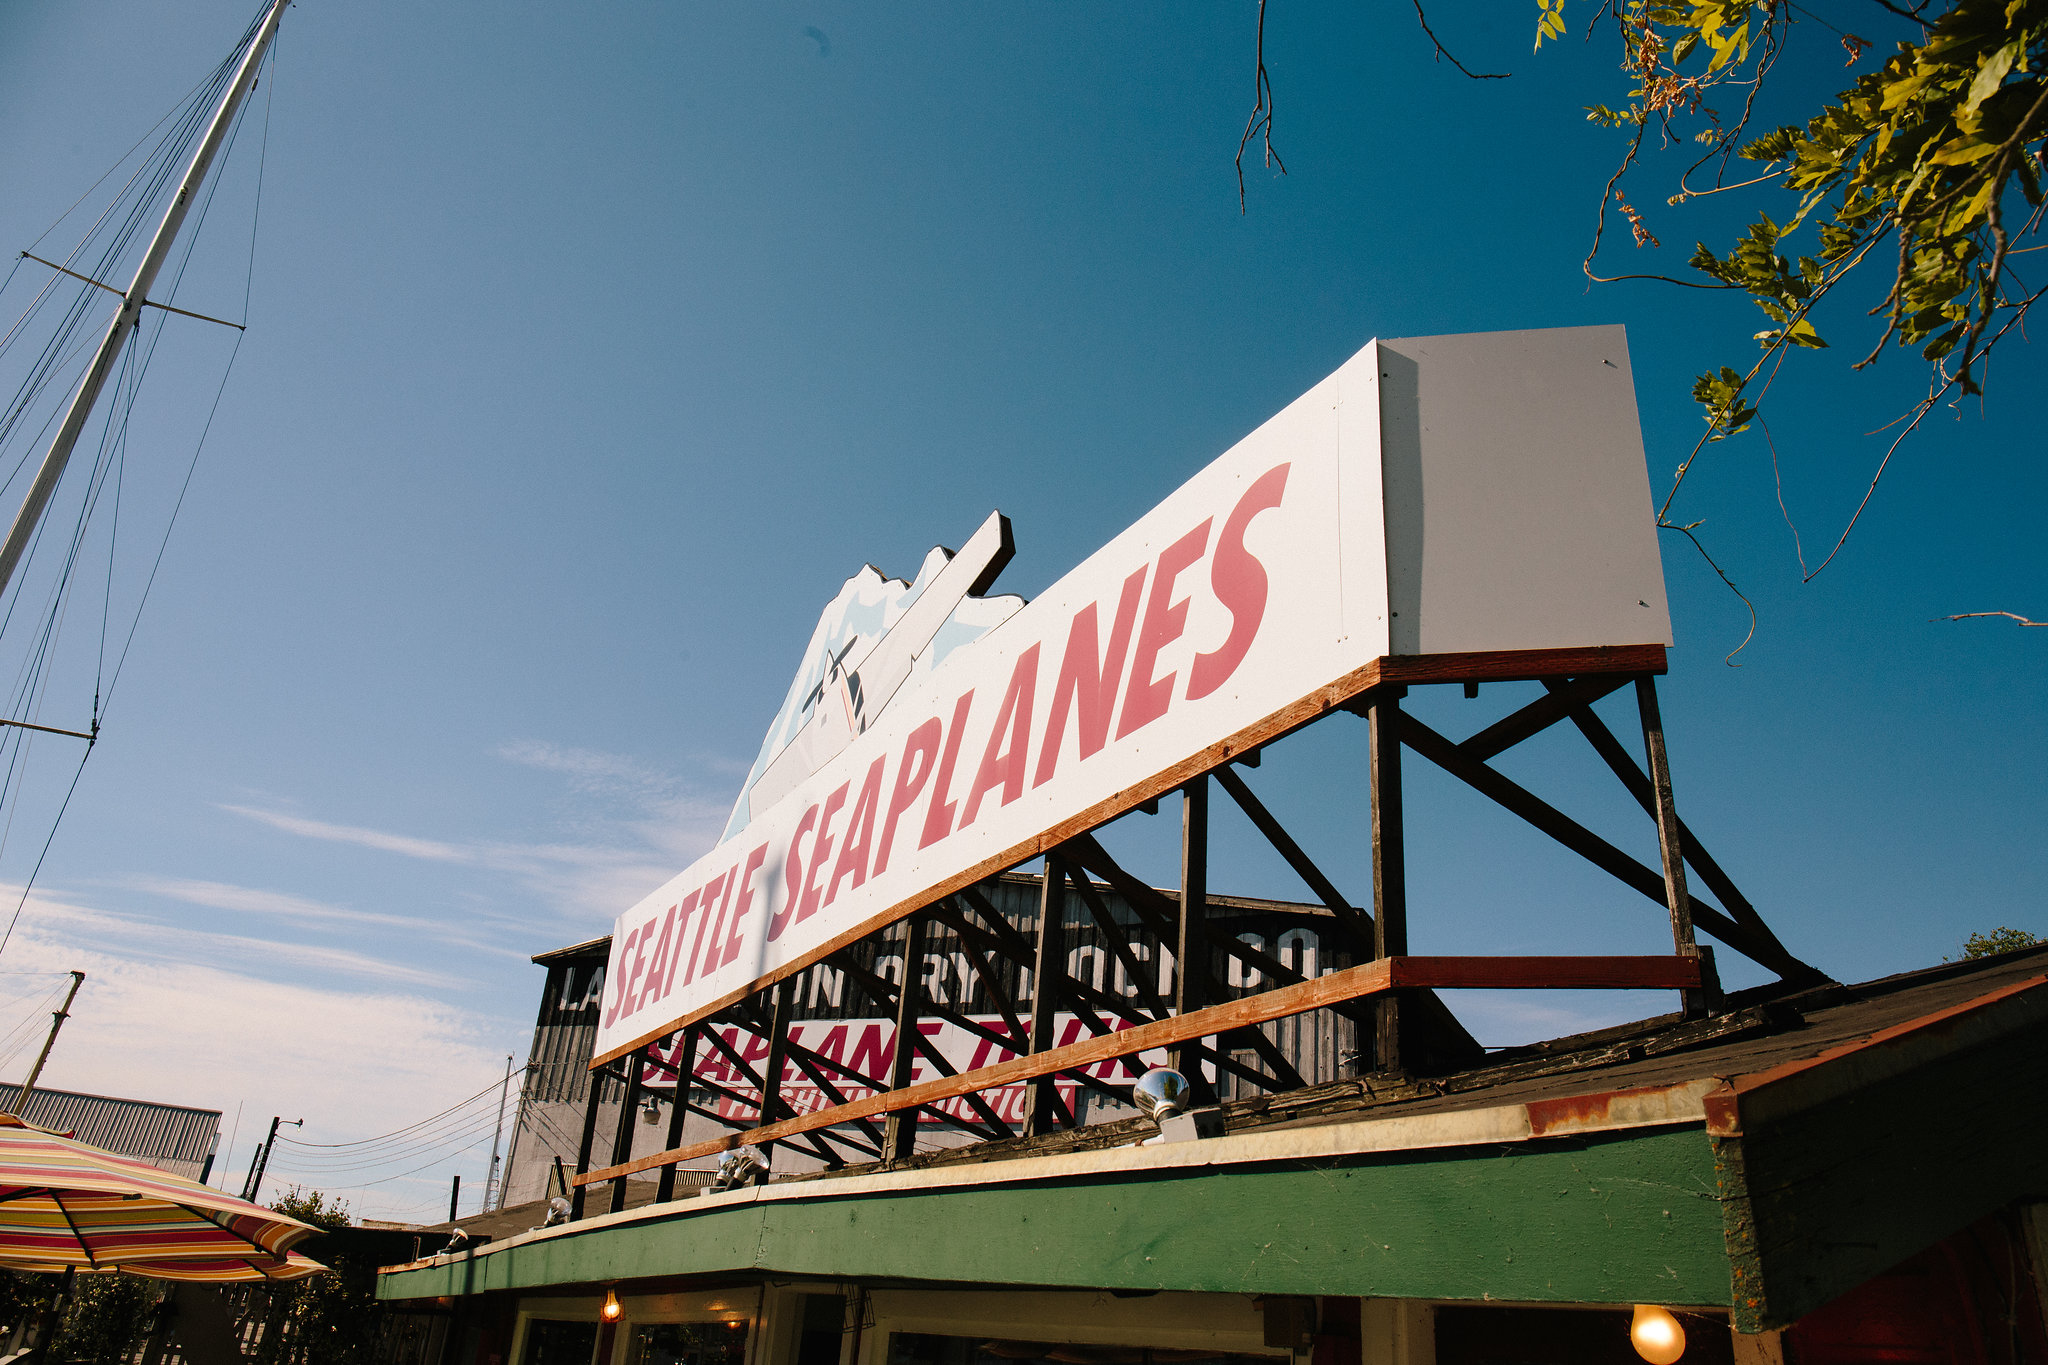 TheSpillmans-398.jpg